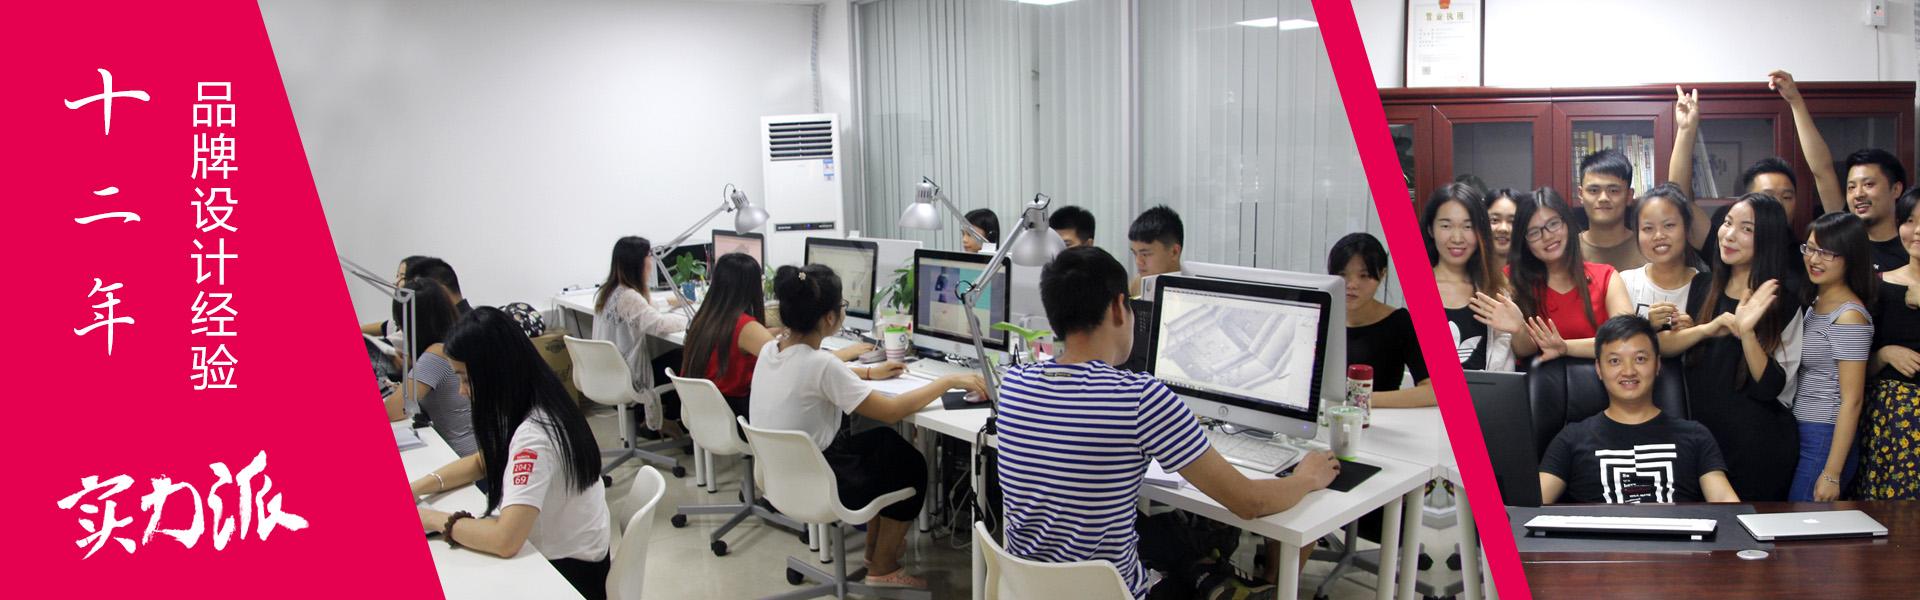 深圳画册设计公司美创设计团队